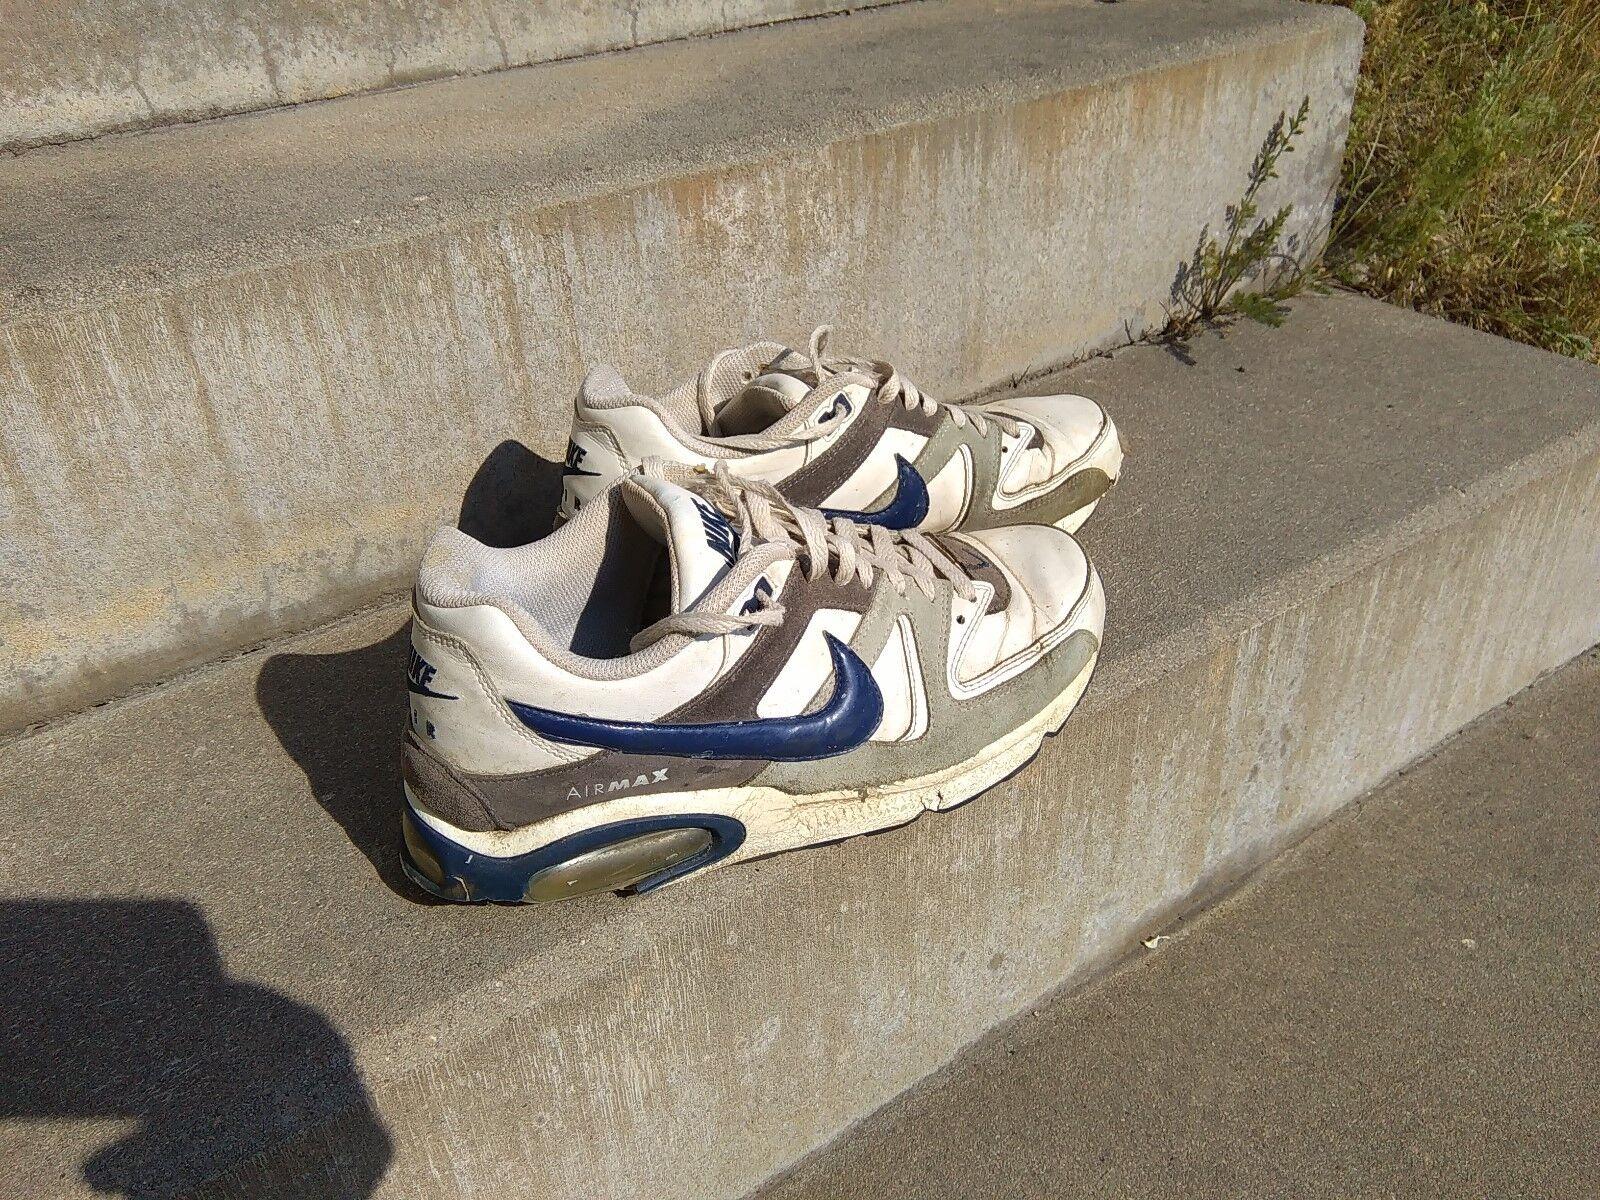 Billig hohe Qualität Nike Air Max used fertig